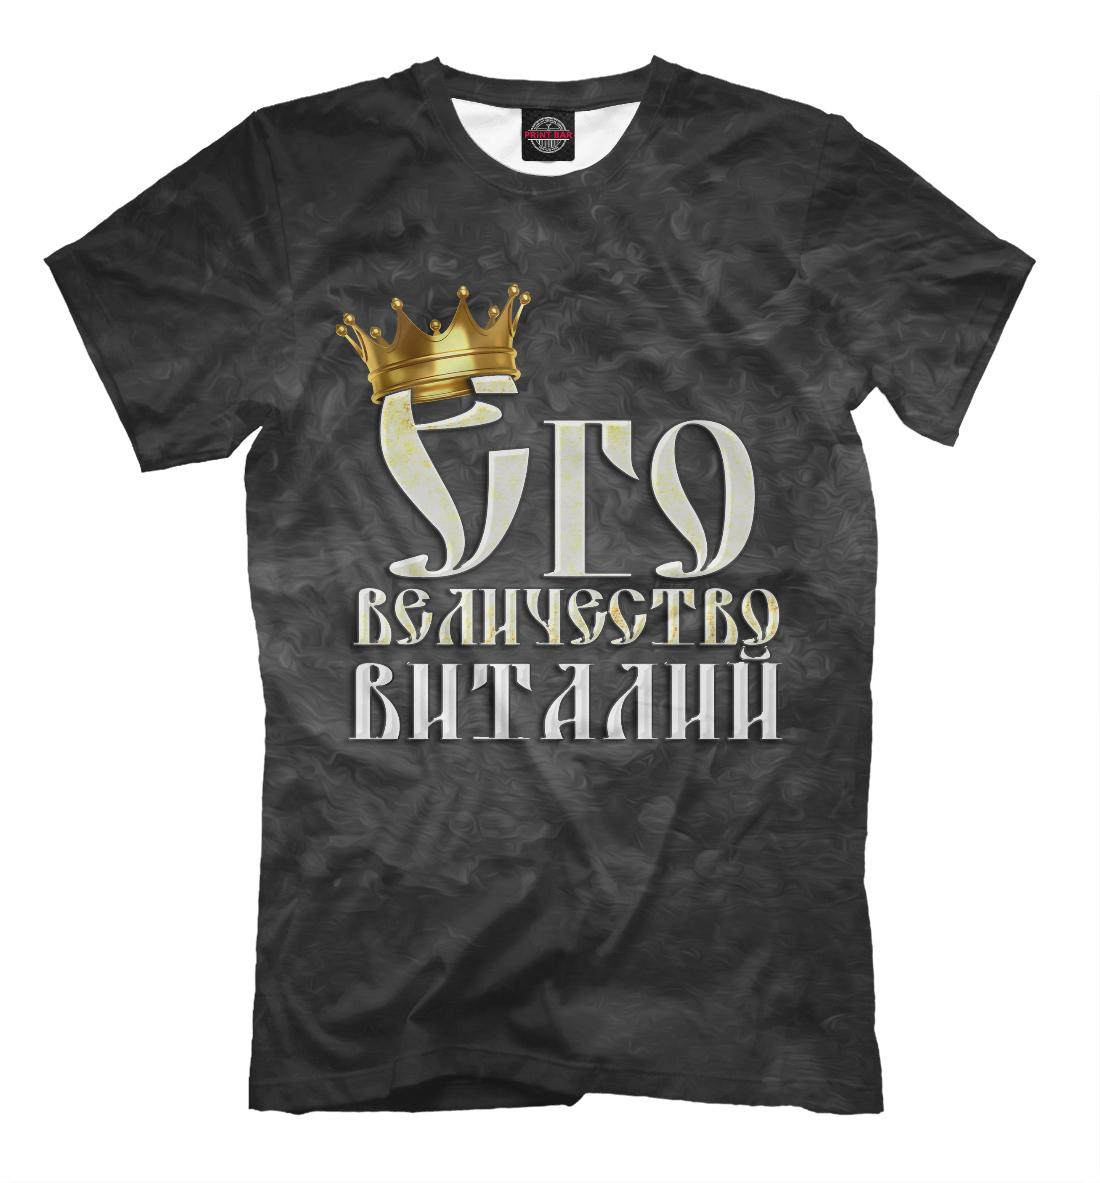 Купить Его величество Виталий, Printbar, Футболки, IMR-996544-fut-2